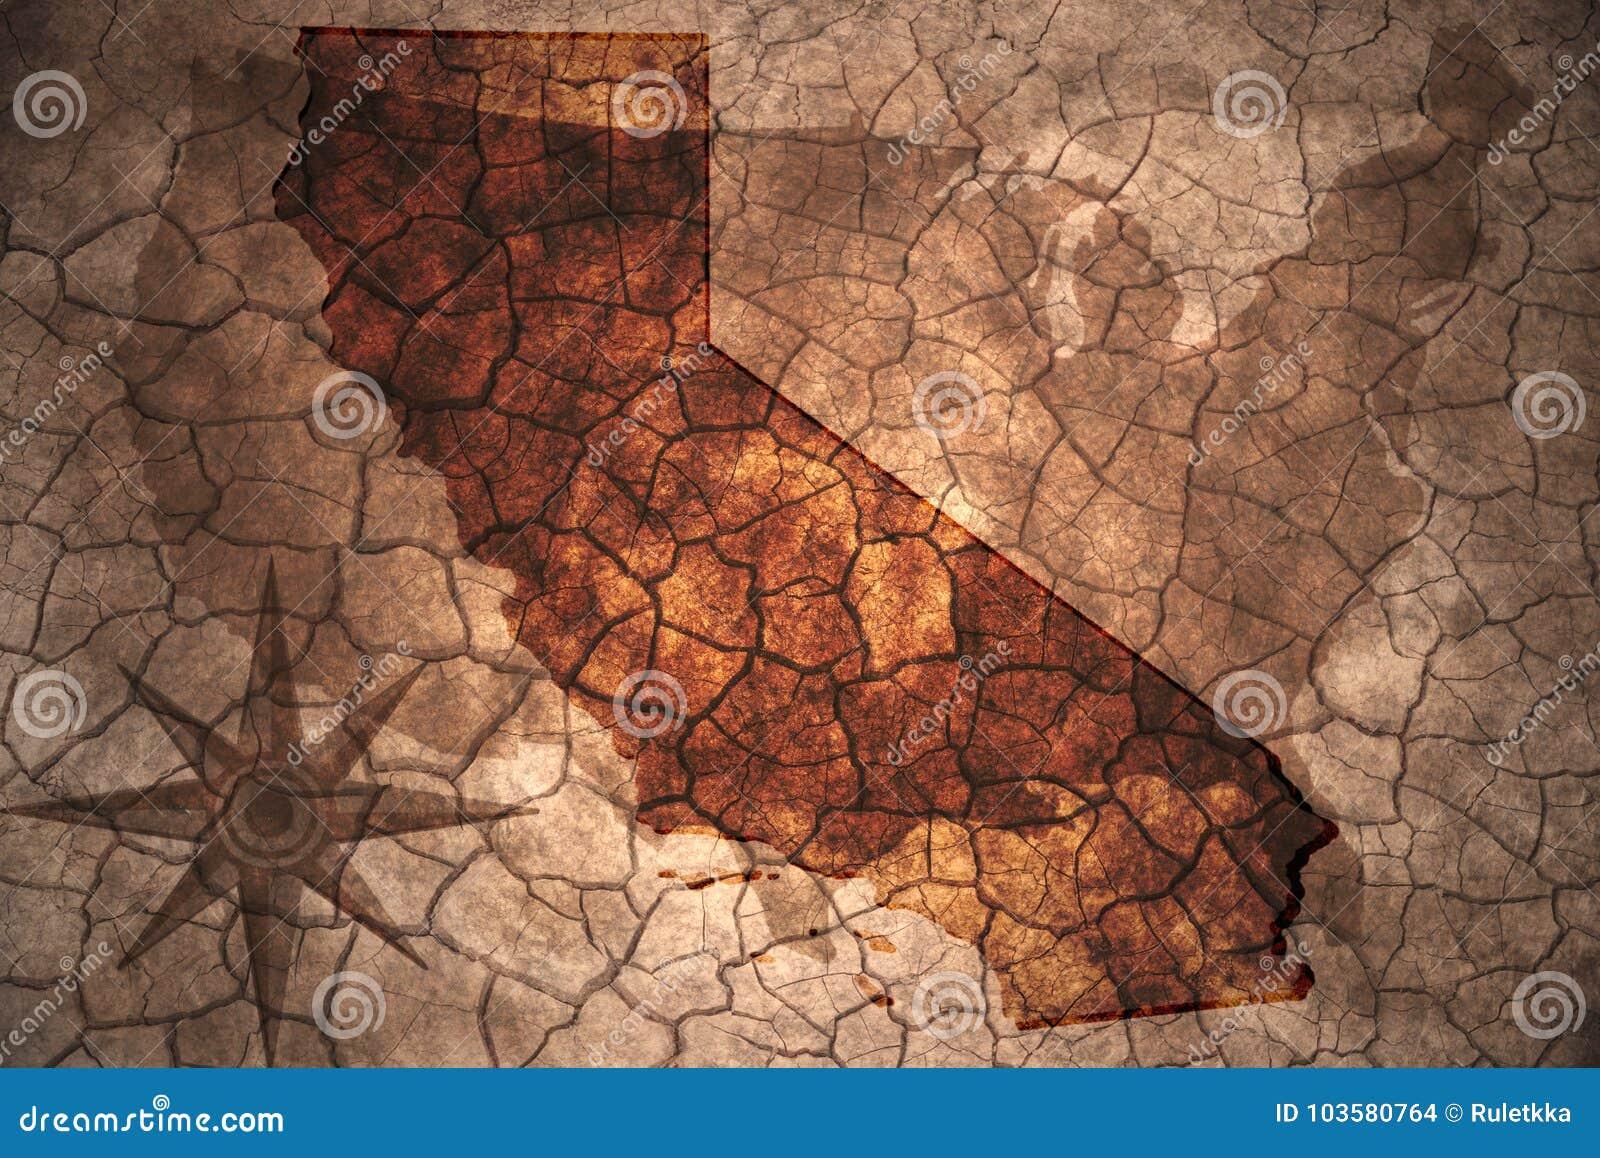 винтажная карта положения Калифорнии